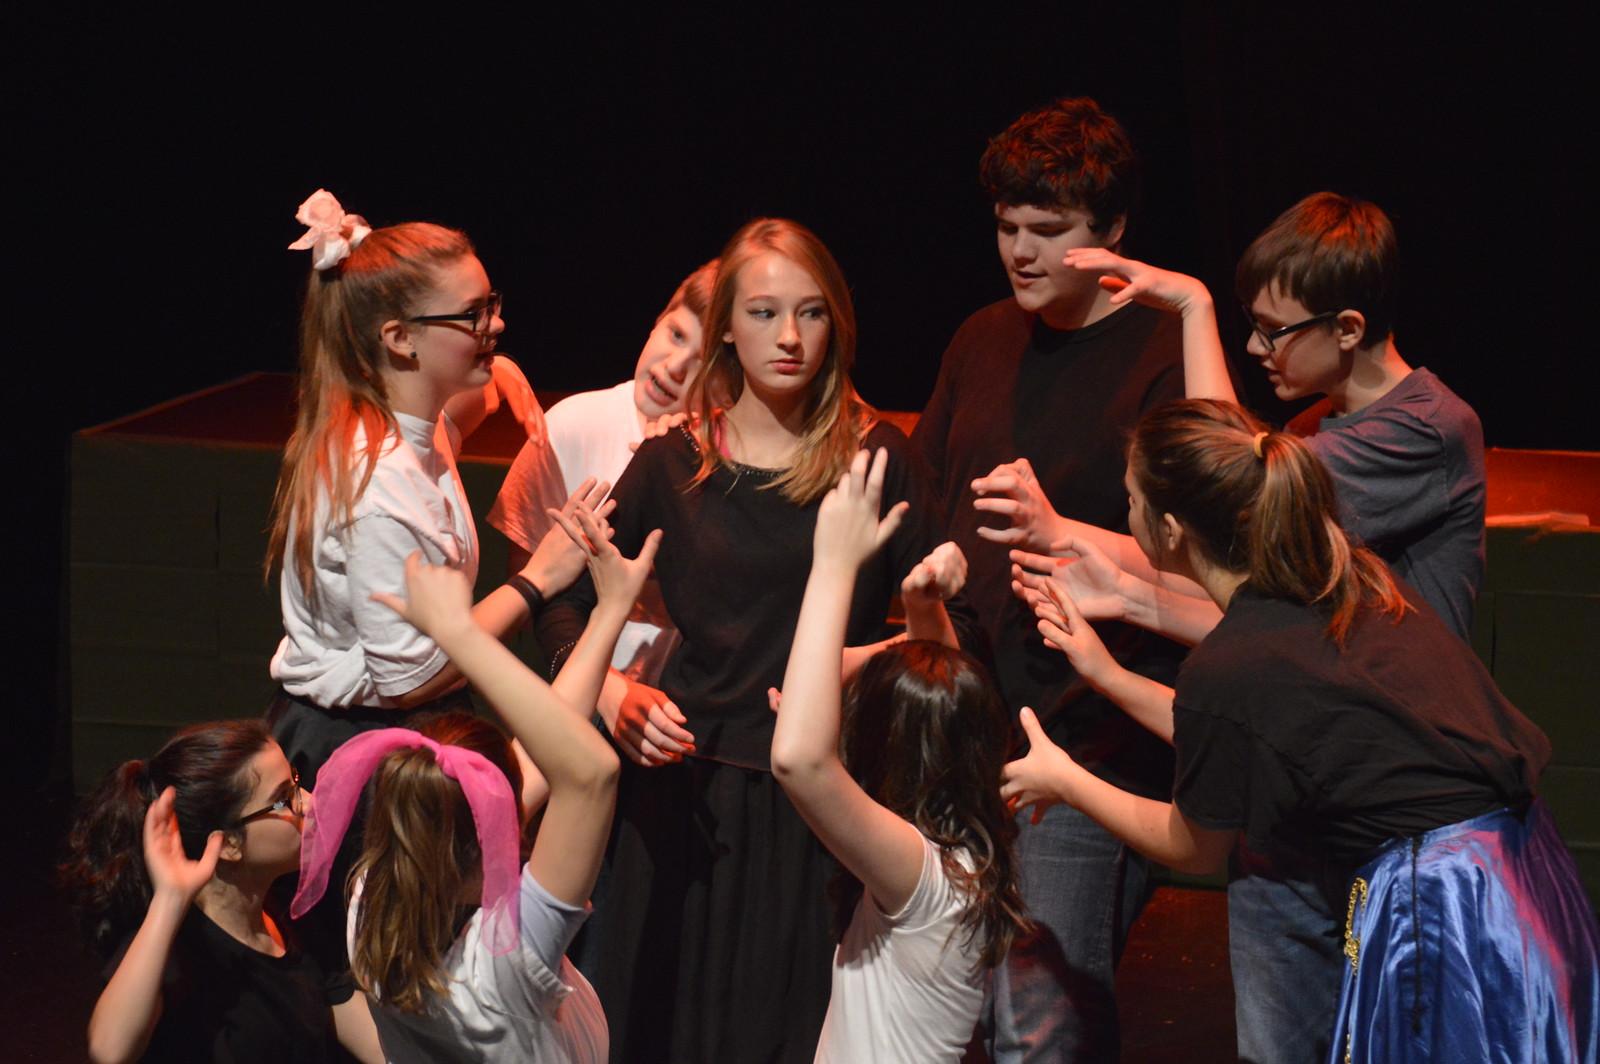 театральная студия, театр подростки, театр взрослые, Тропарево, Коммунарка